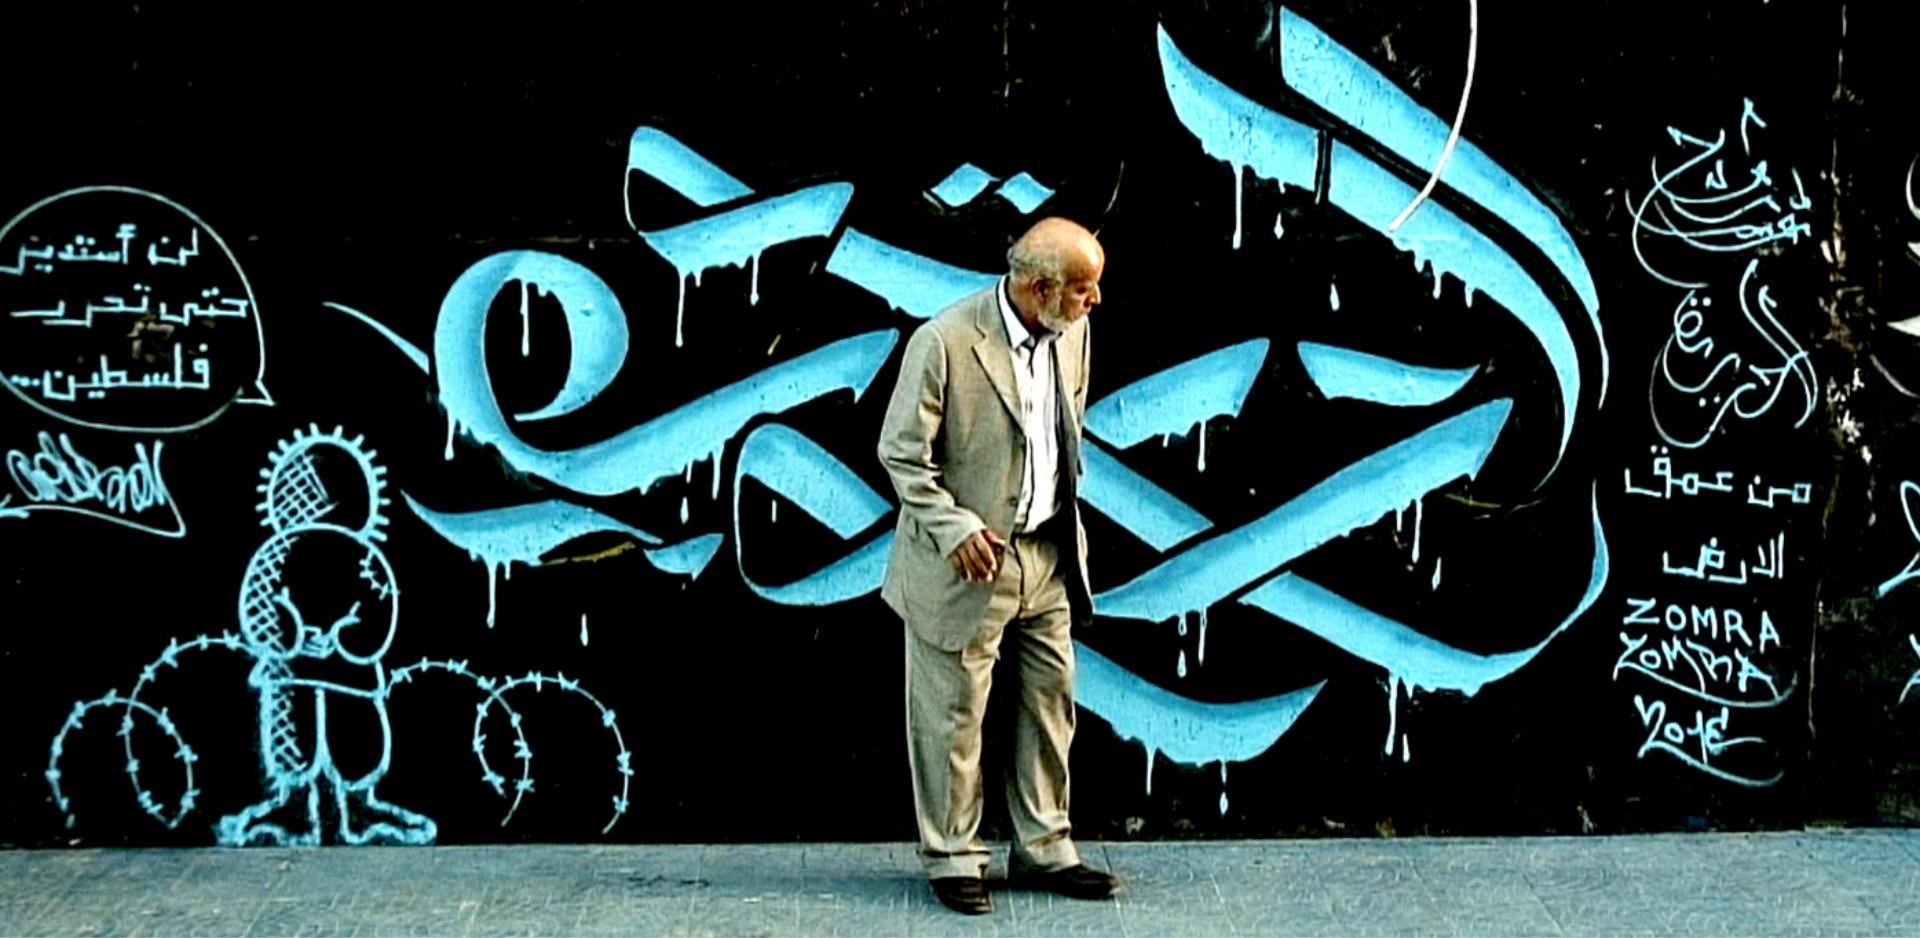 Reveries Mohamed Adar film Hamid Benamra